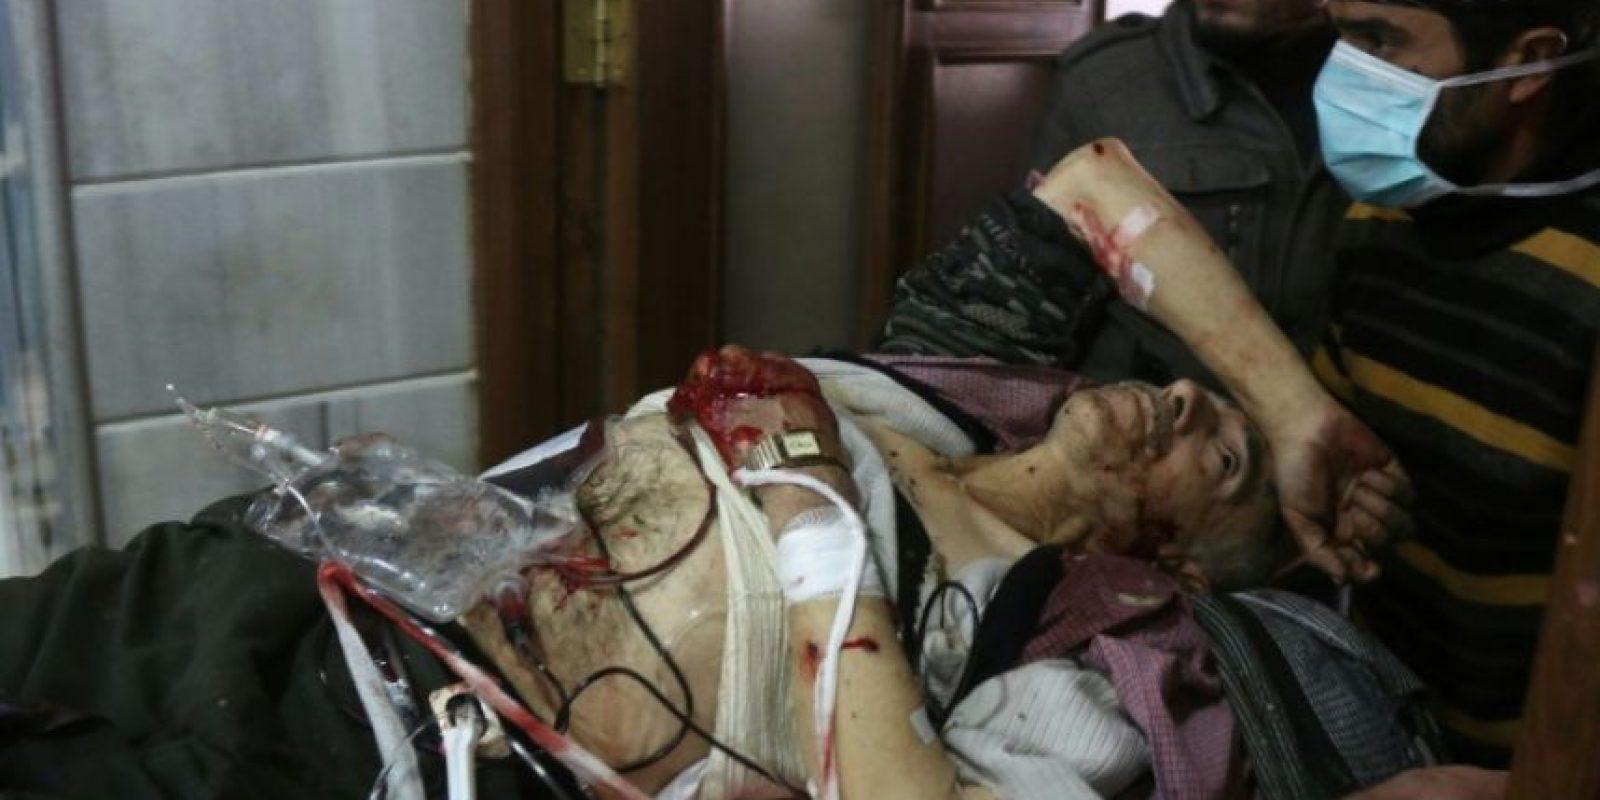 Un hombre herido recibe atención en un hospital improvisado en la zona este de Alepo tras unos bombardeos aéreos y de artillería de las fuerzas gubernamentales, el pasado 18 de noviembre al norte de Siria Foto:Thaer Mohammed/afp.com